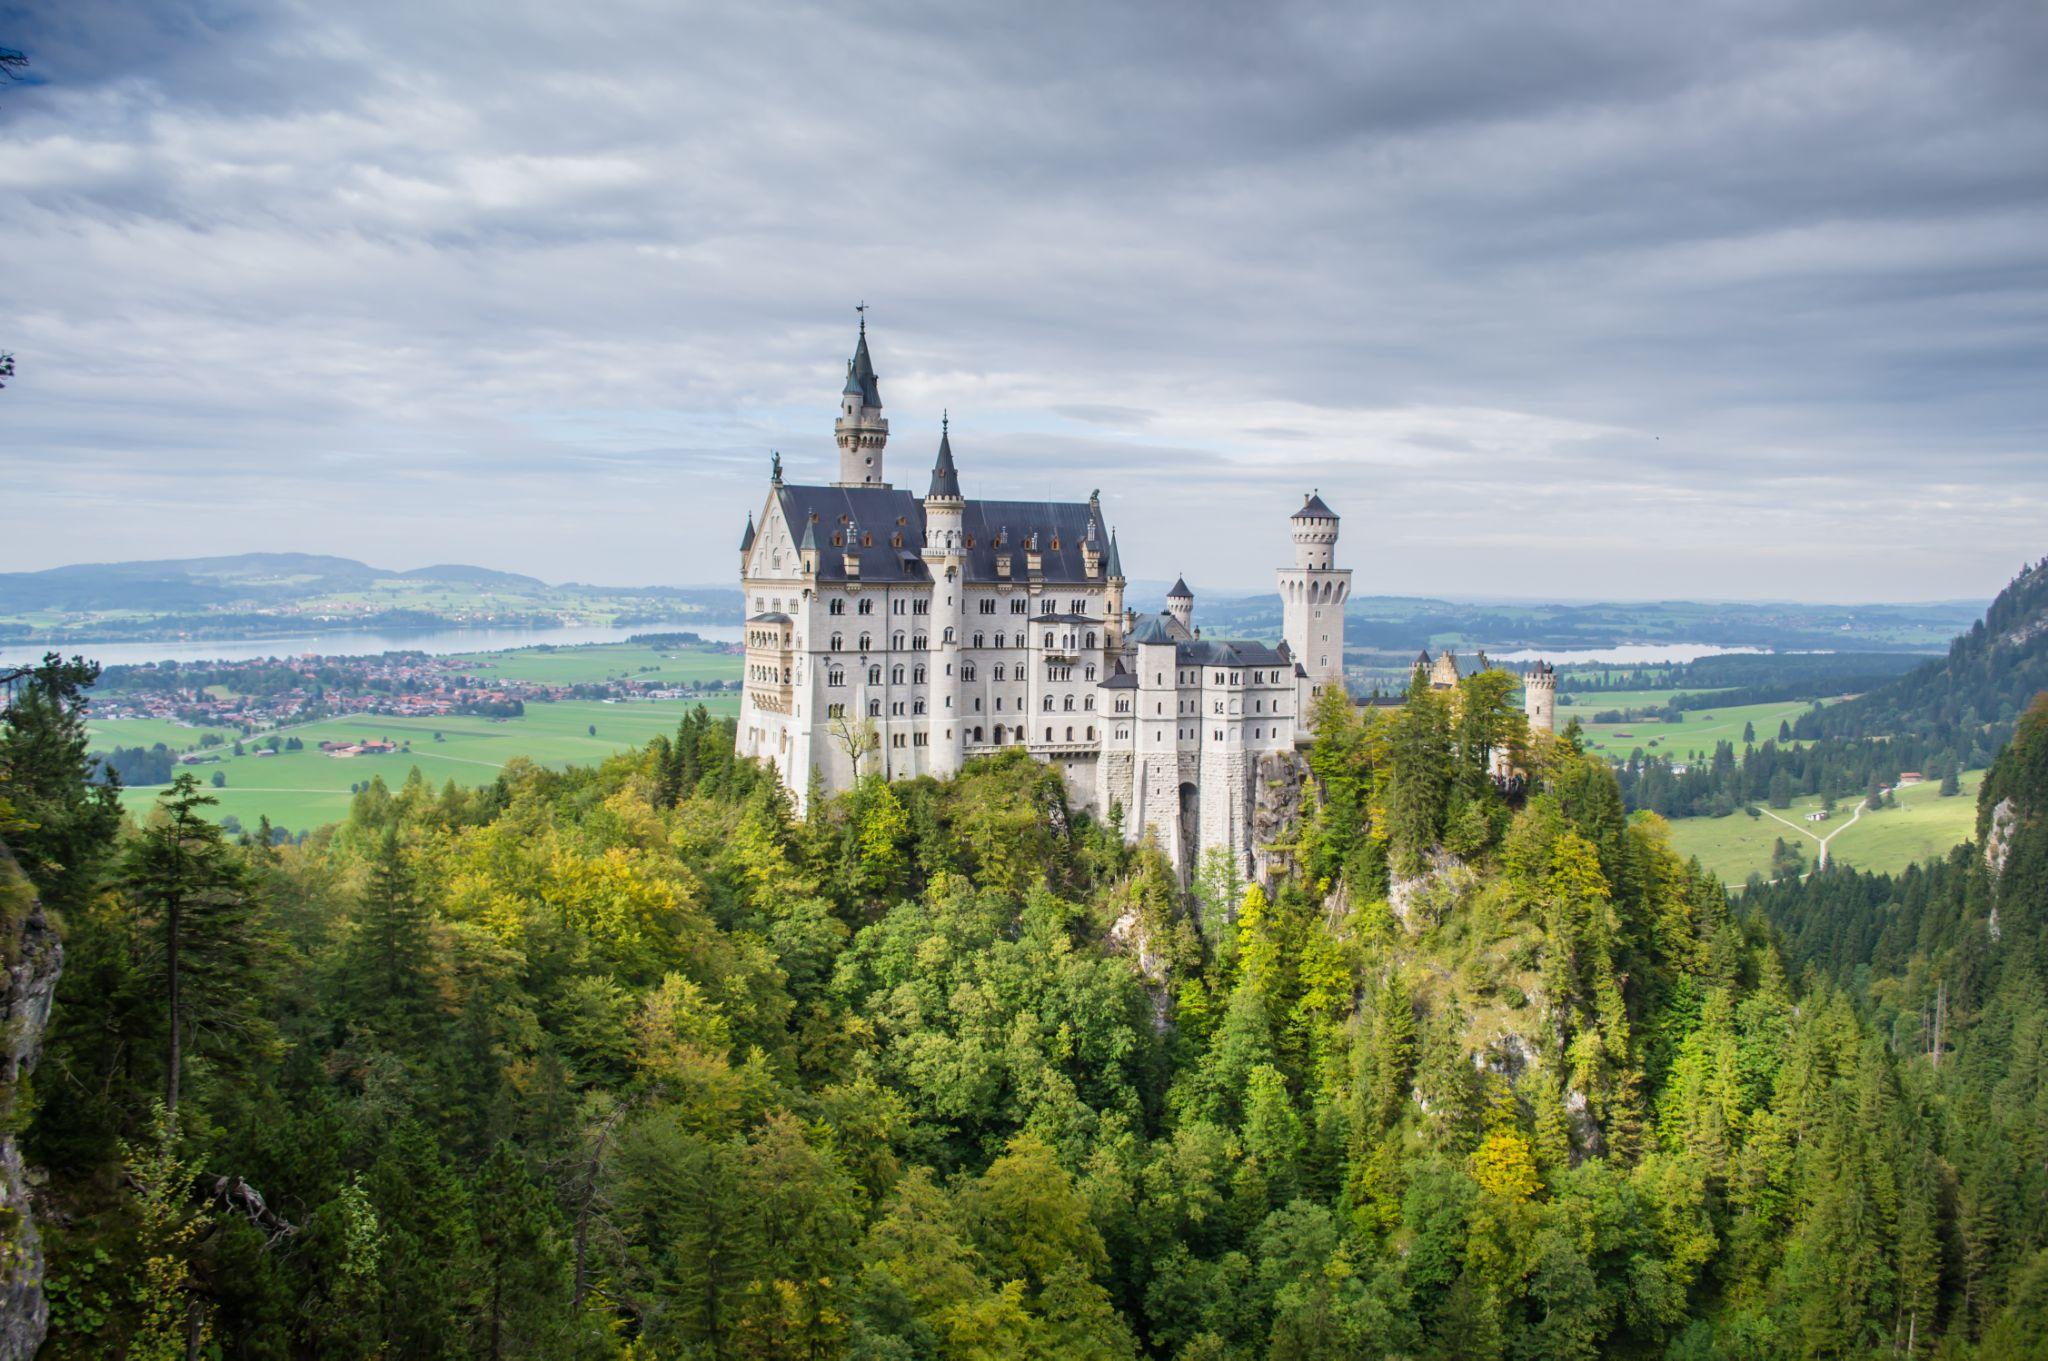 Neuschwanstein Castle, Bavaria by Adina C.